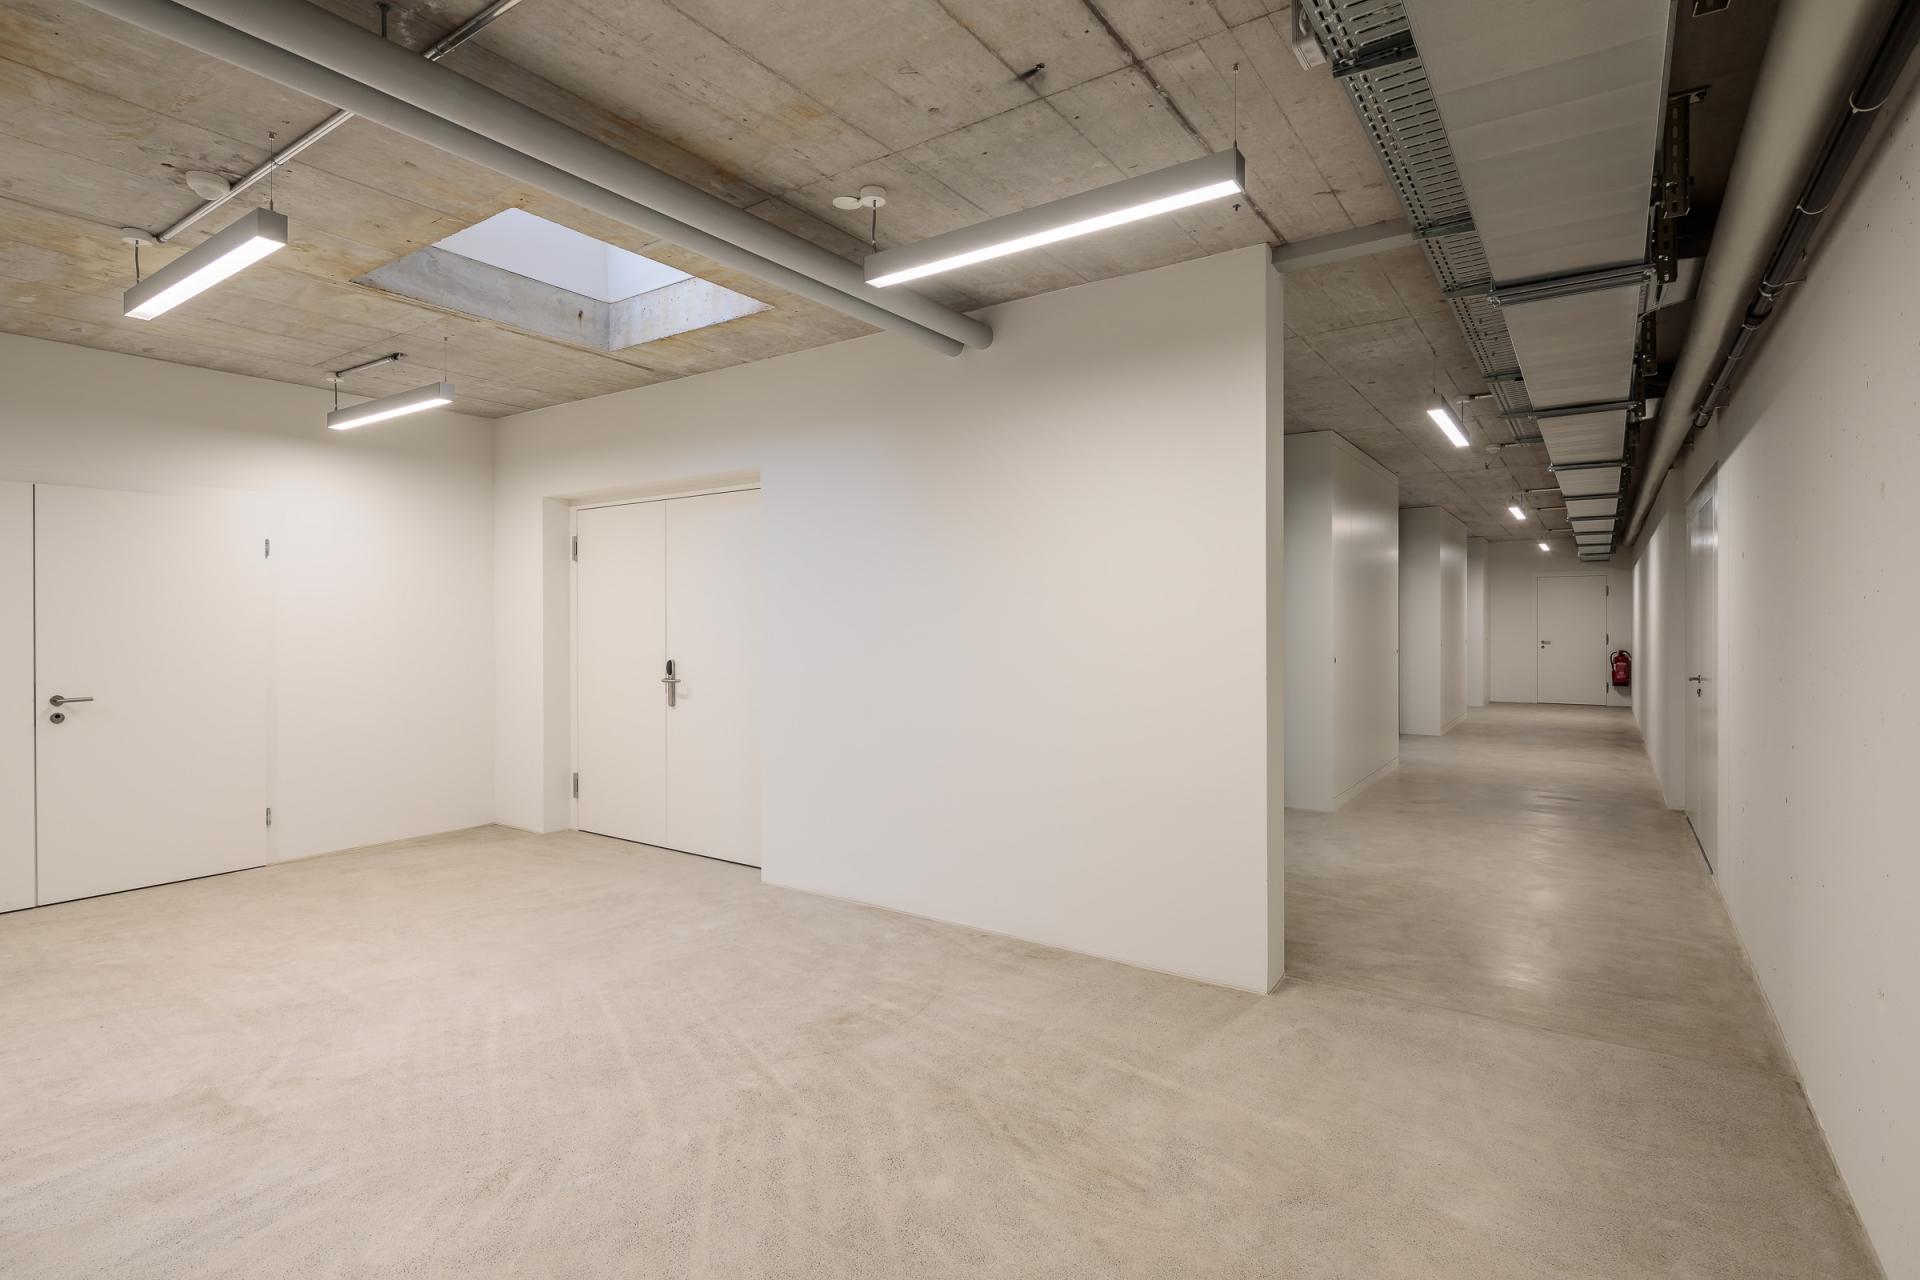 buan-architekten-umbau bueroraeume unterlachenstrasse ig arbeit-luzern-foyer